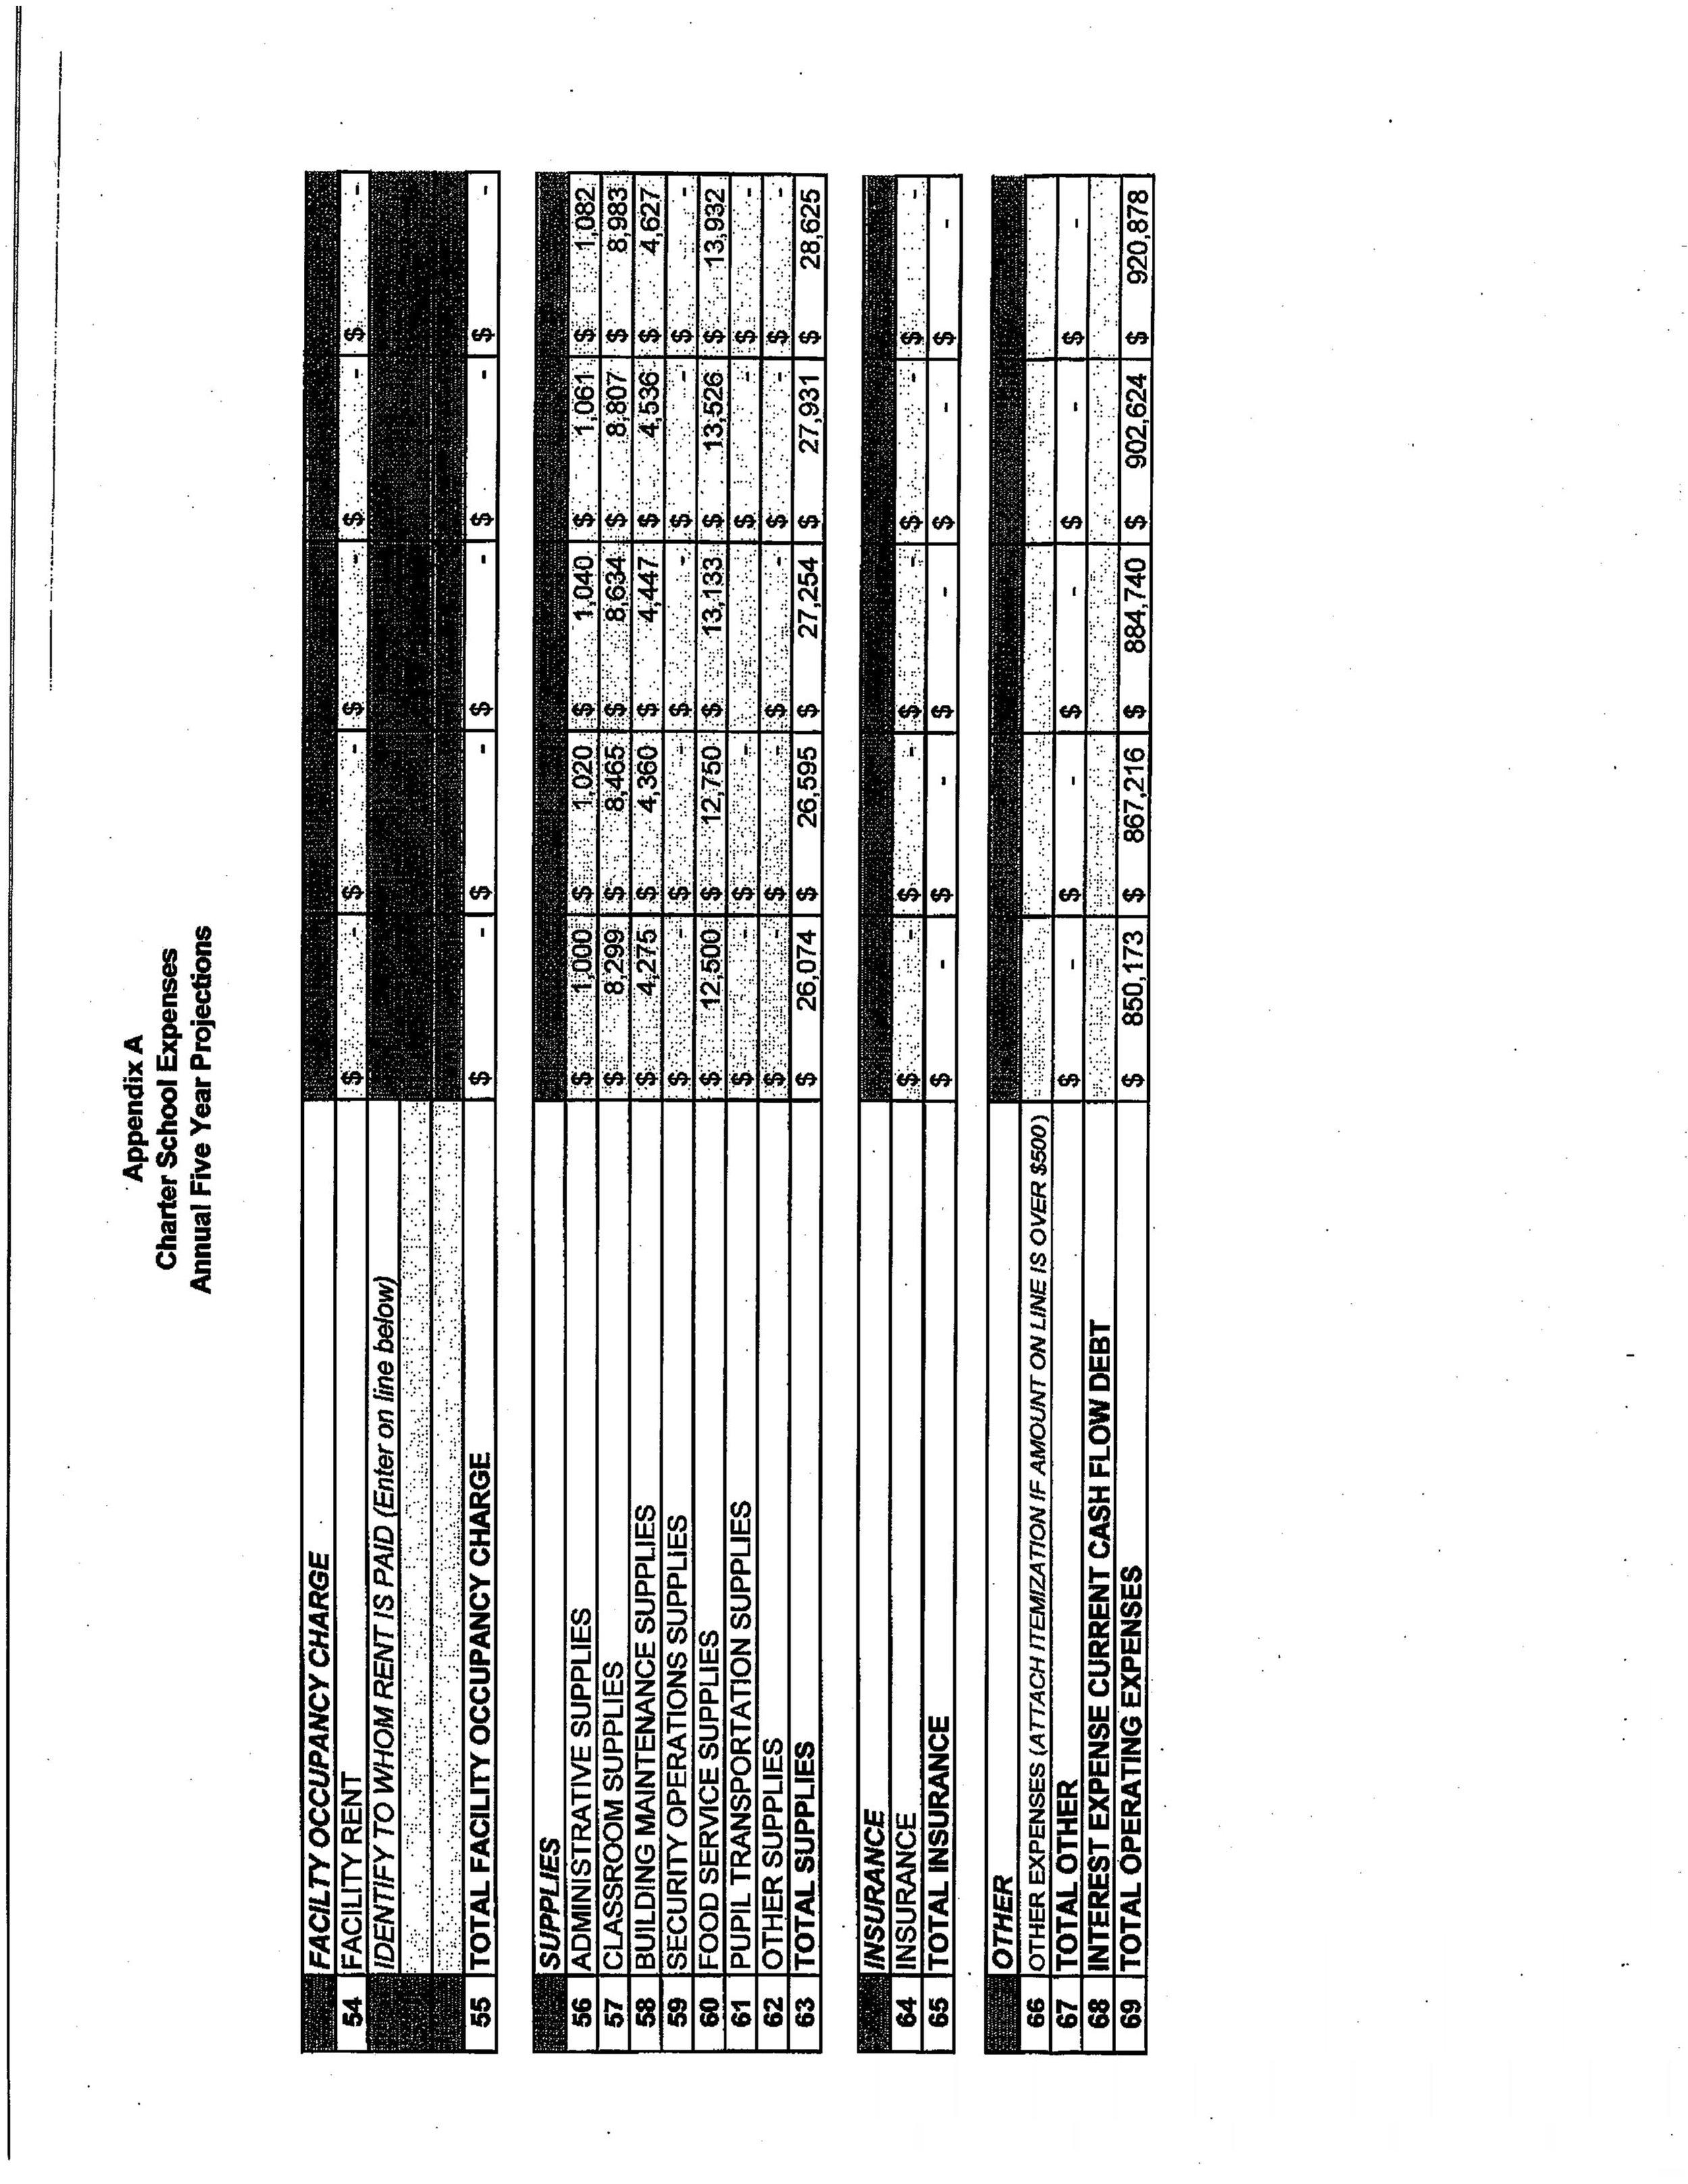 Planning Grant pg 33.jpg